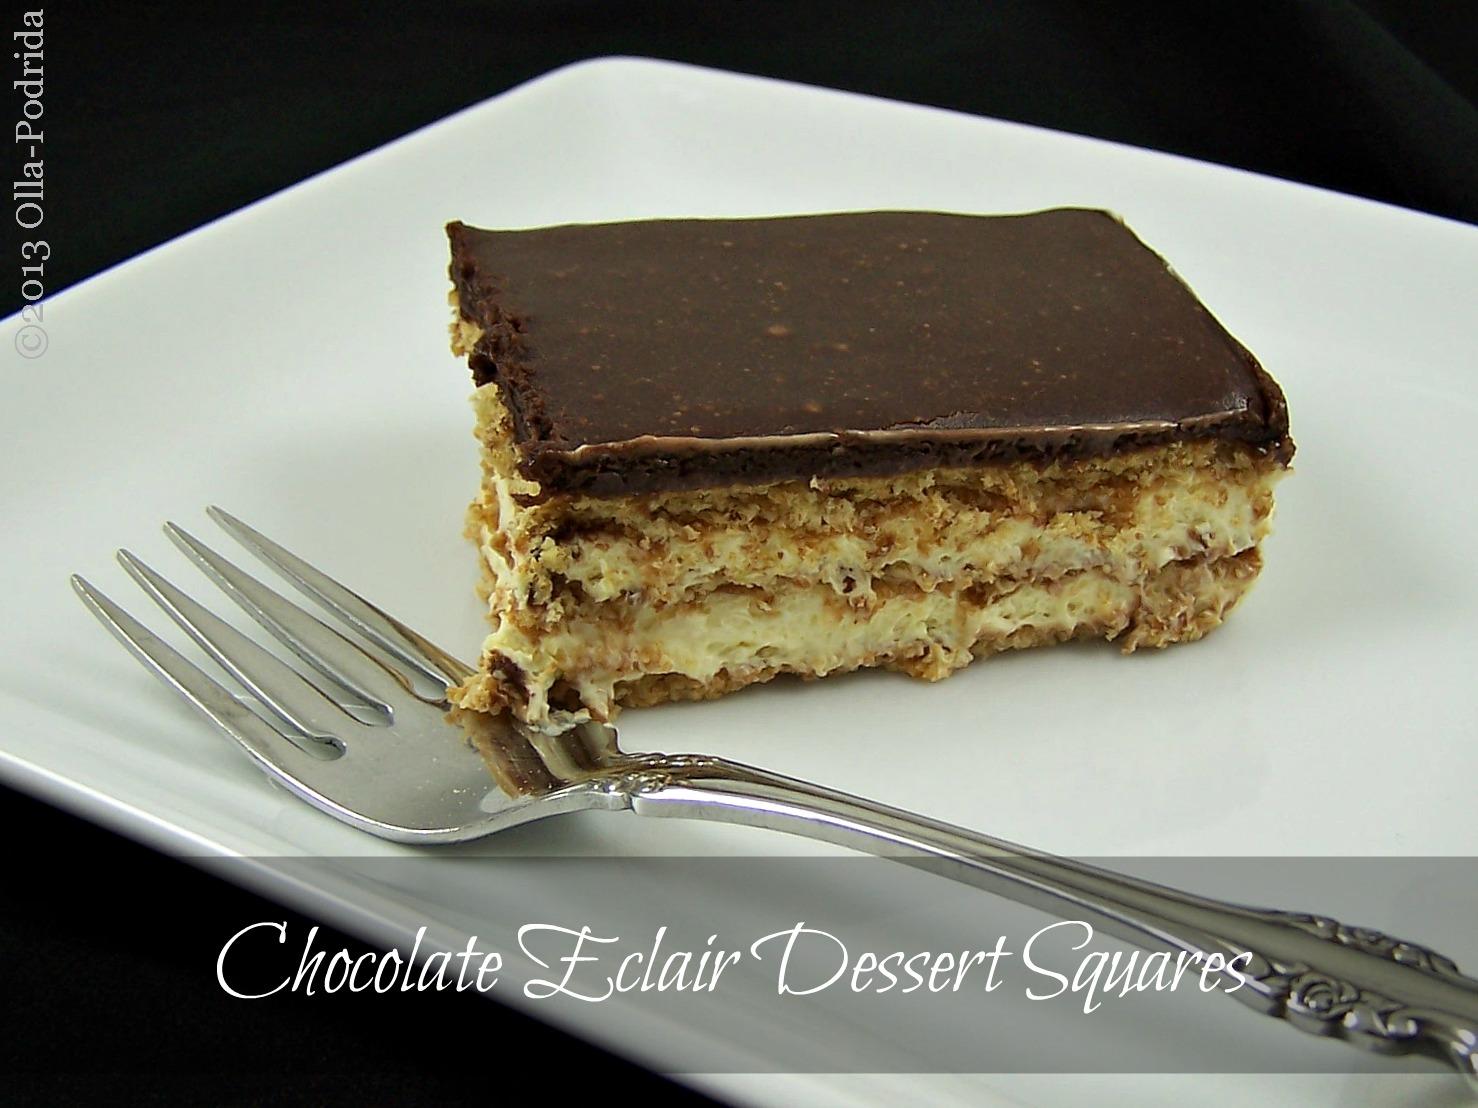 Olla-Podrida: Chocolate Éclair Dessert Squares